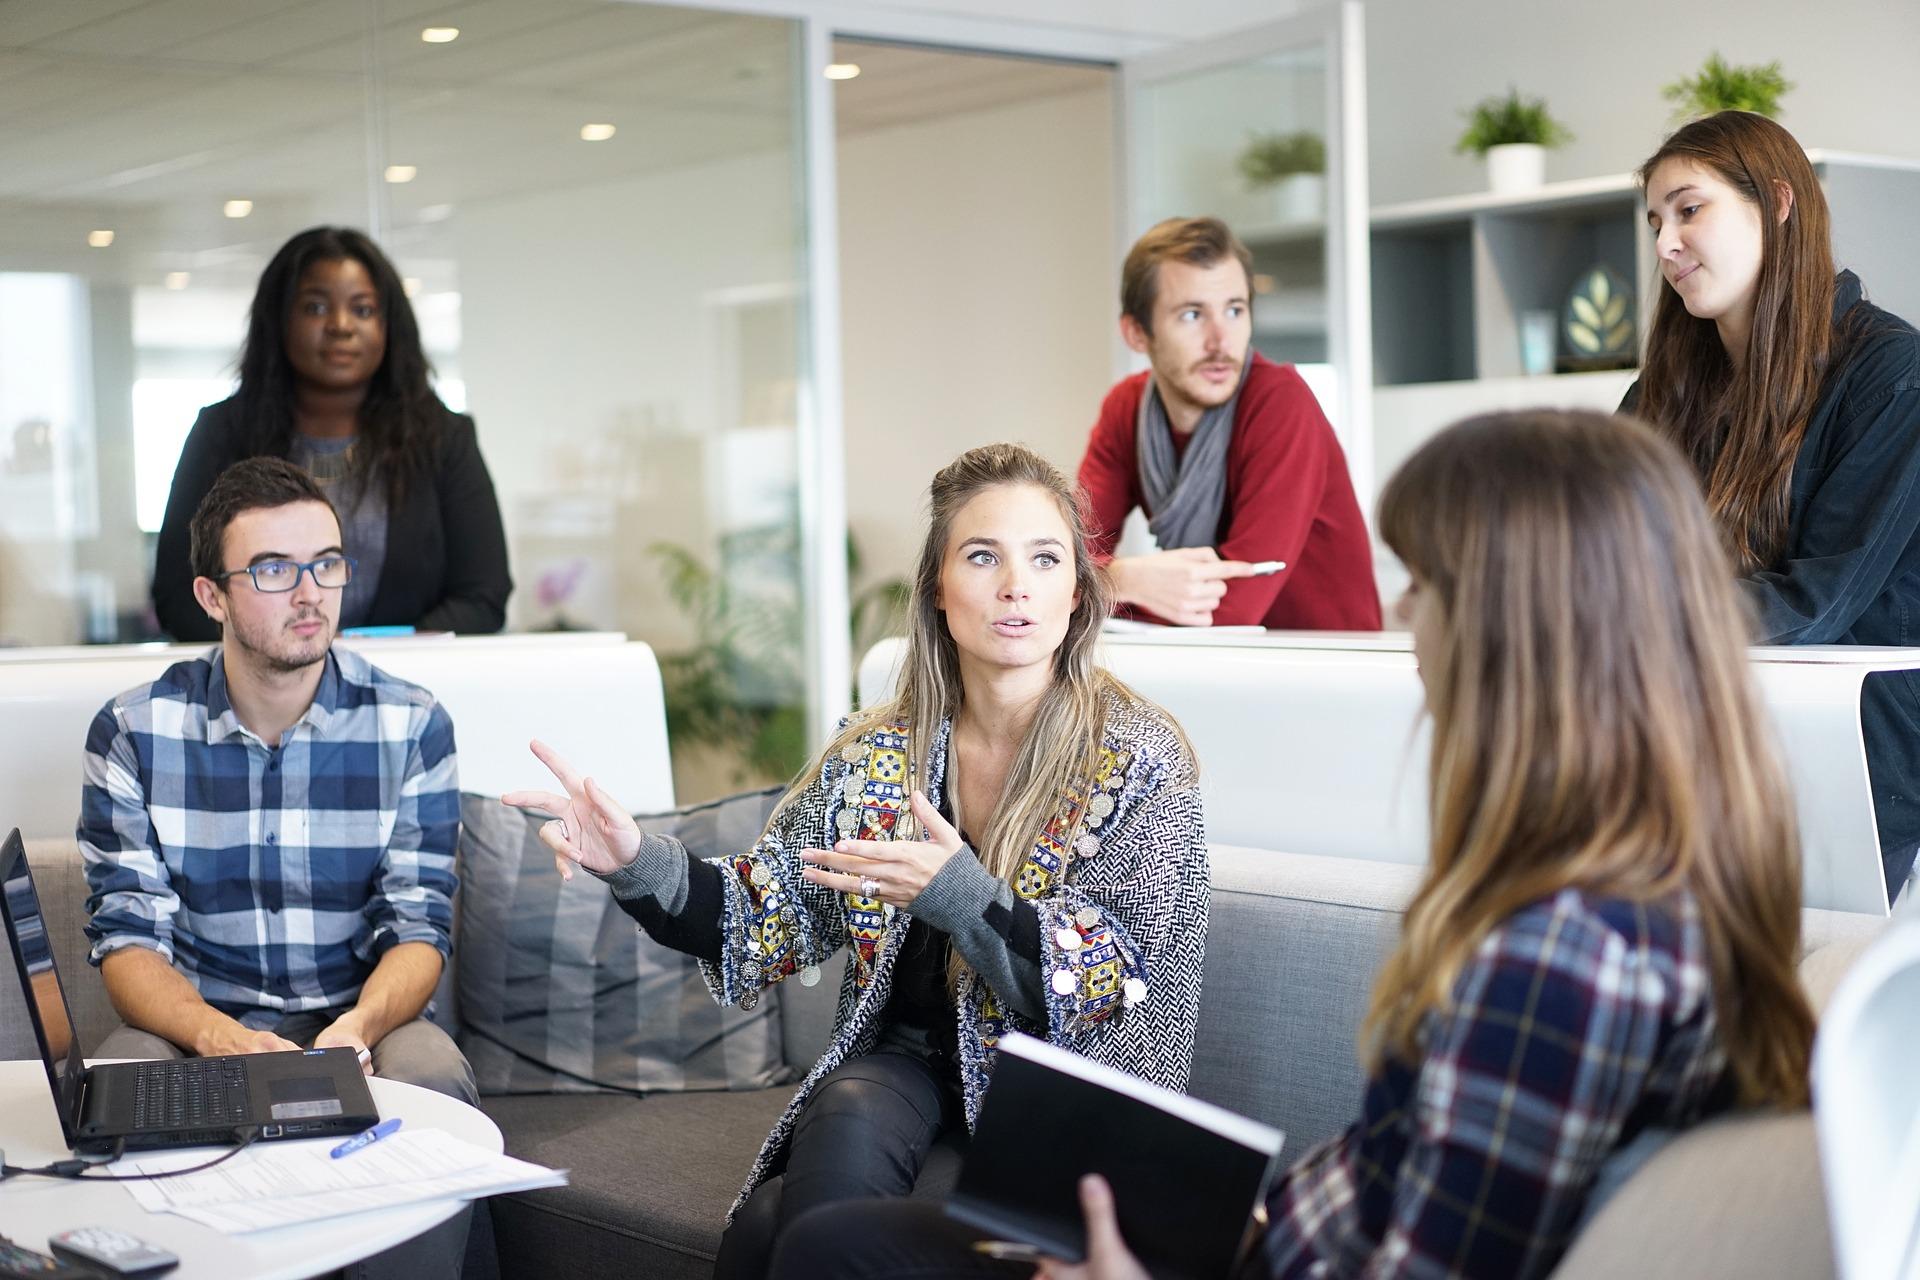 5 פתרונות לתקשורת פנים ארגונית בעסק